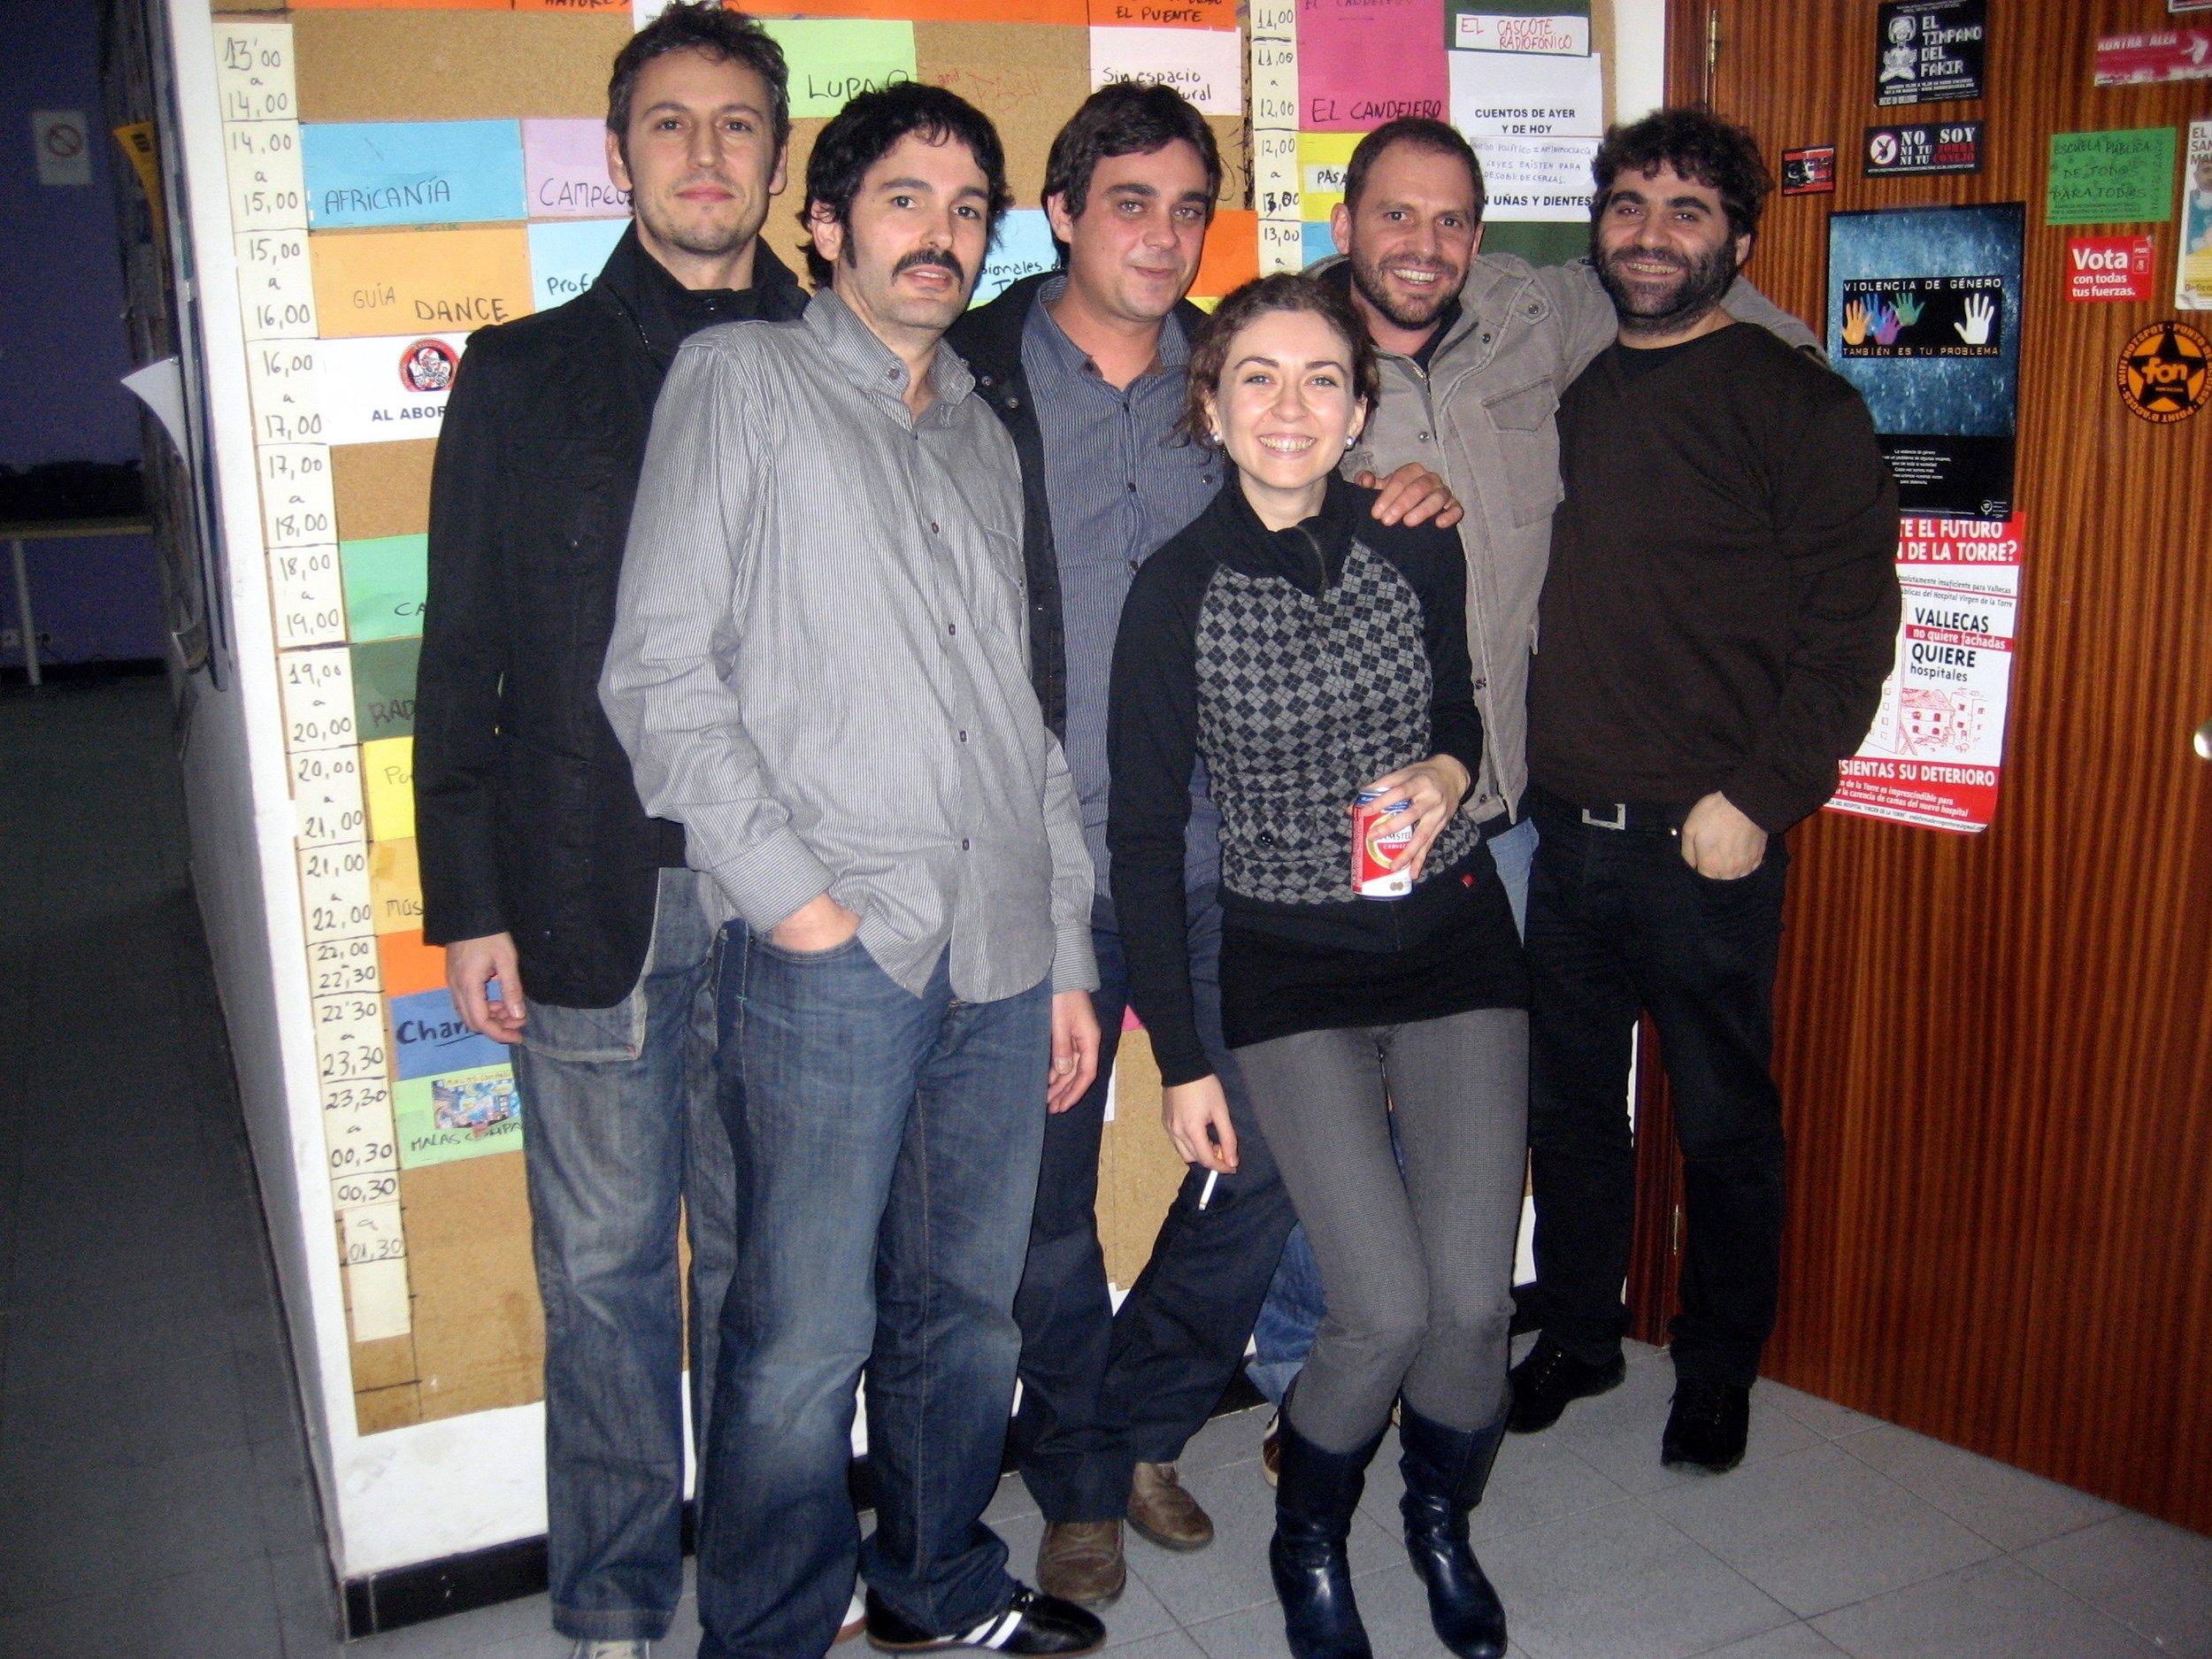 Oyentes 2009